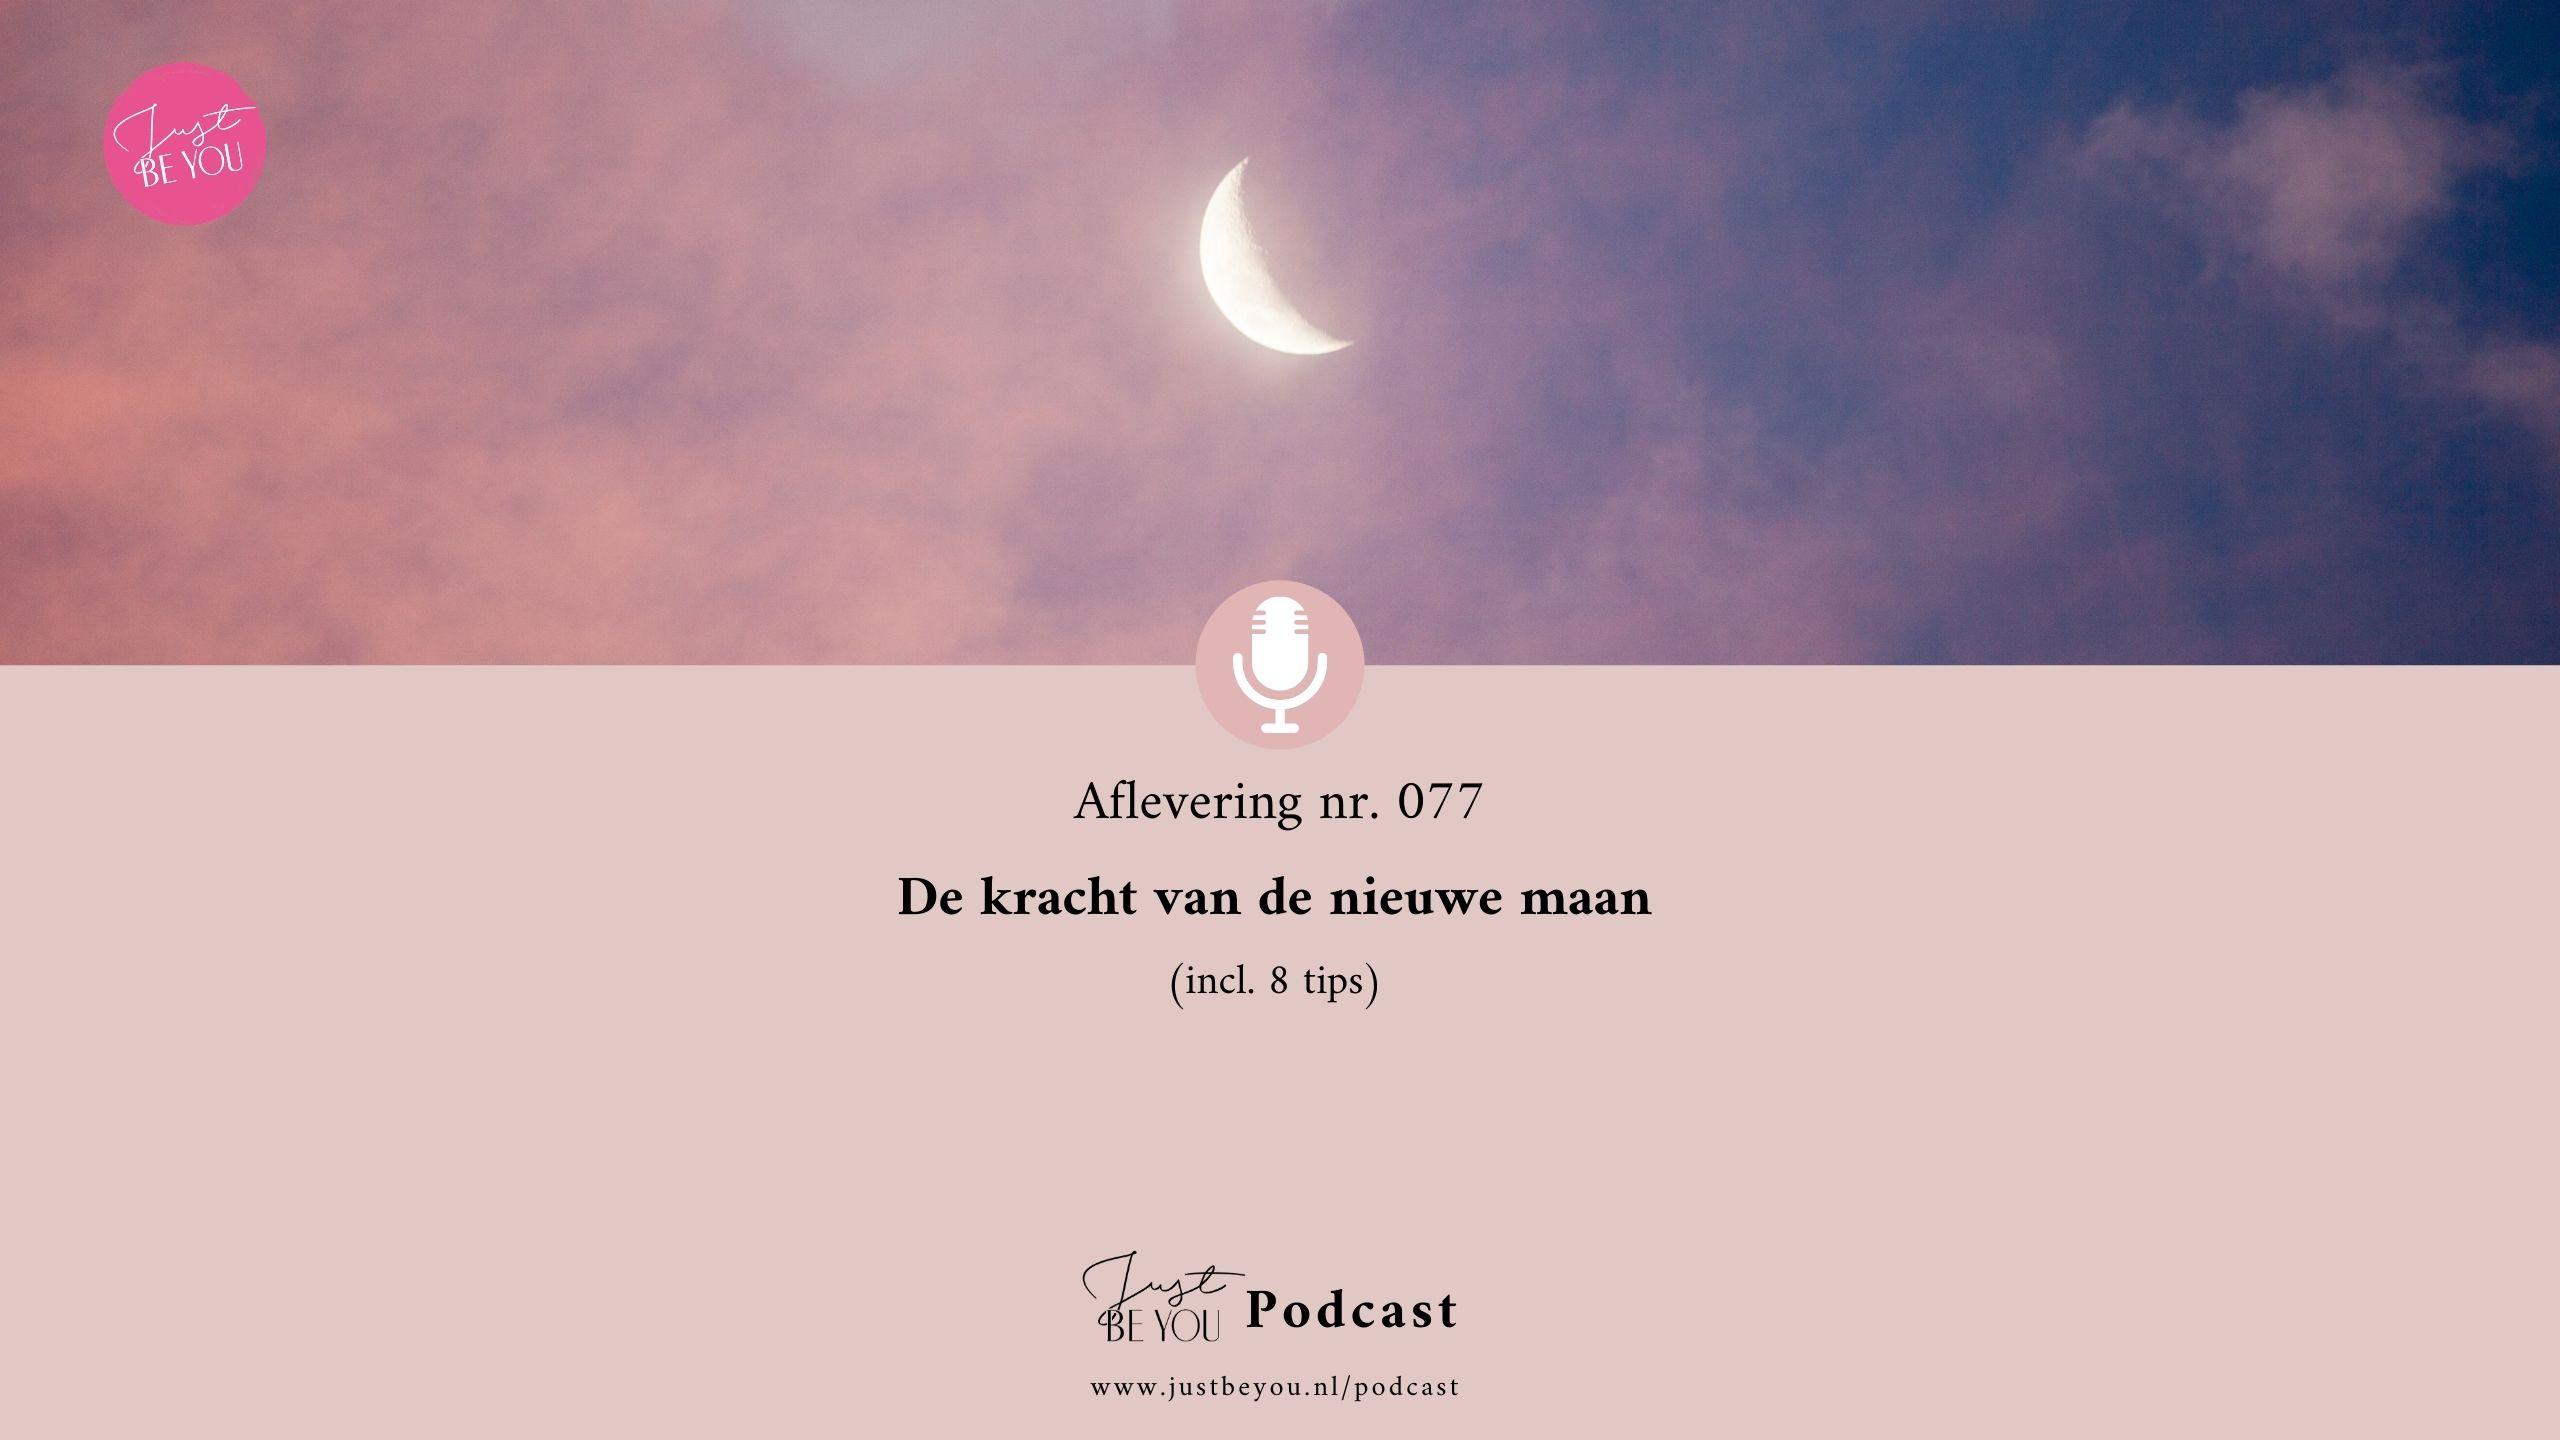 077 - De kracht van de nieuwe maan (incl. 8 tips)